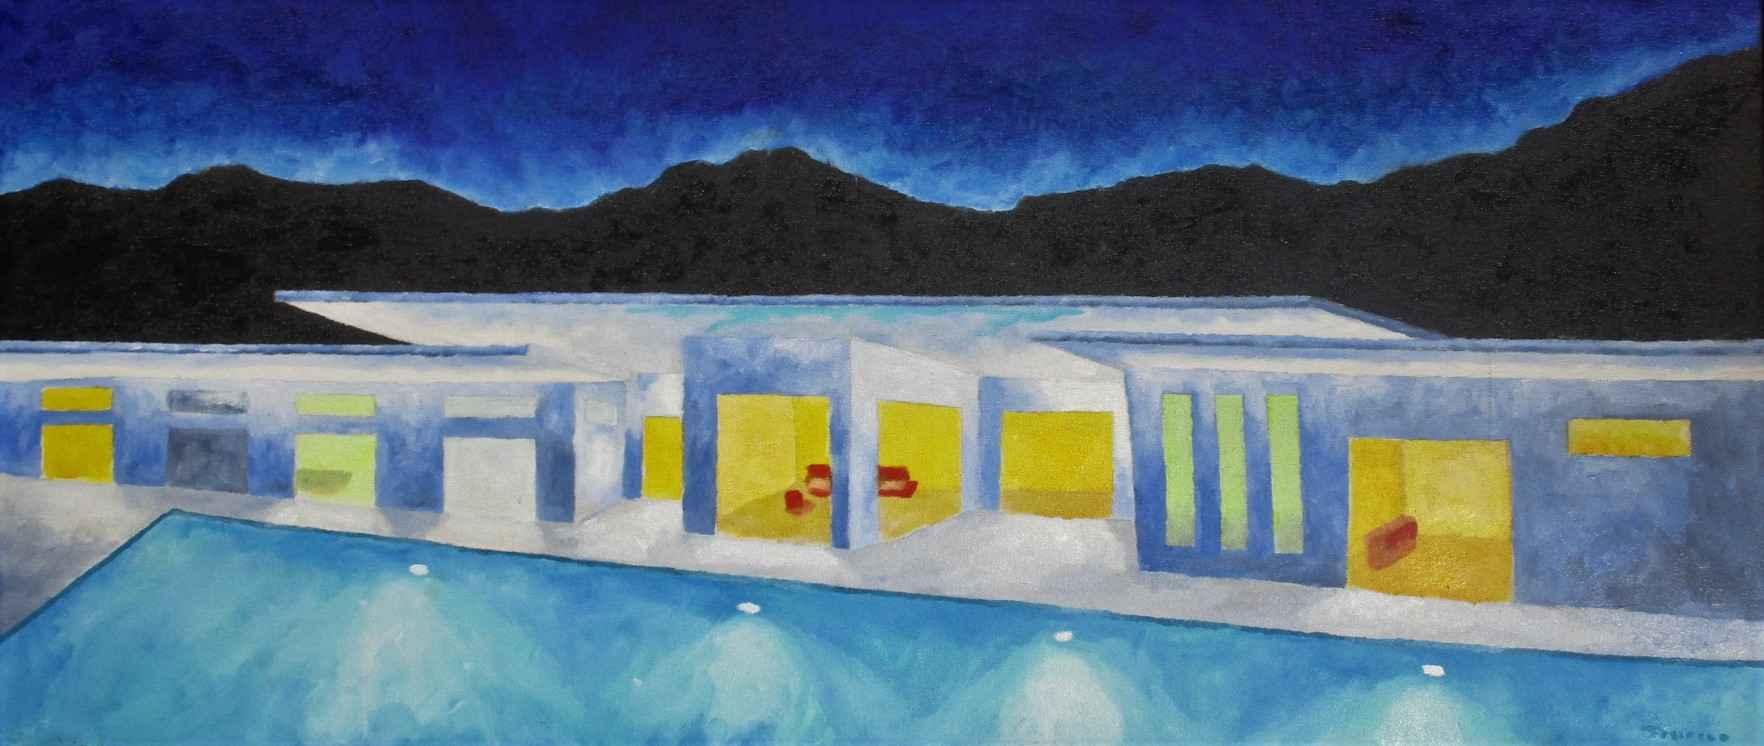 Swimmer's Home by  Mitch Freifeld - Masterpiece Online